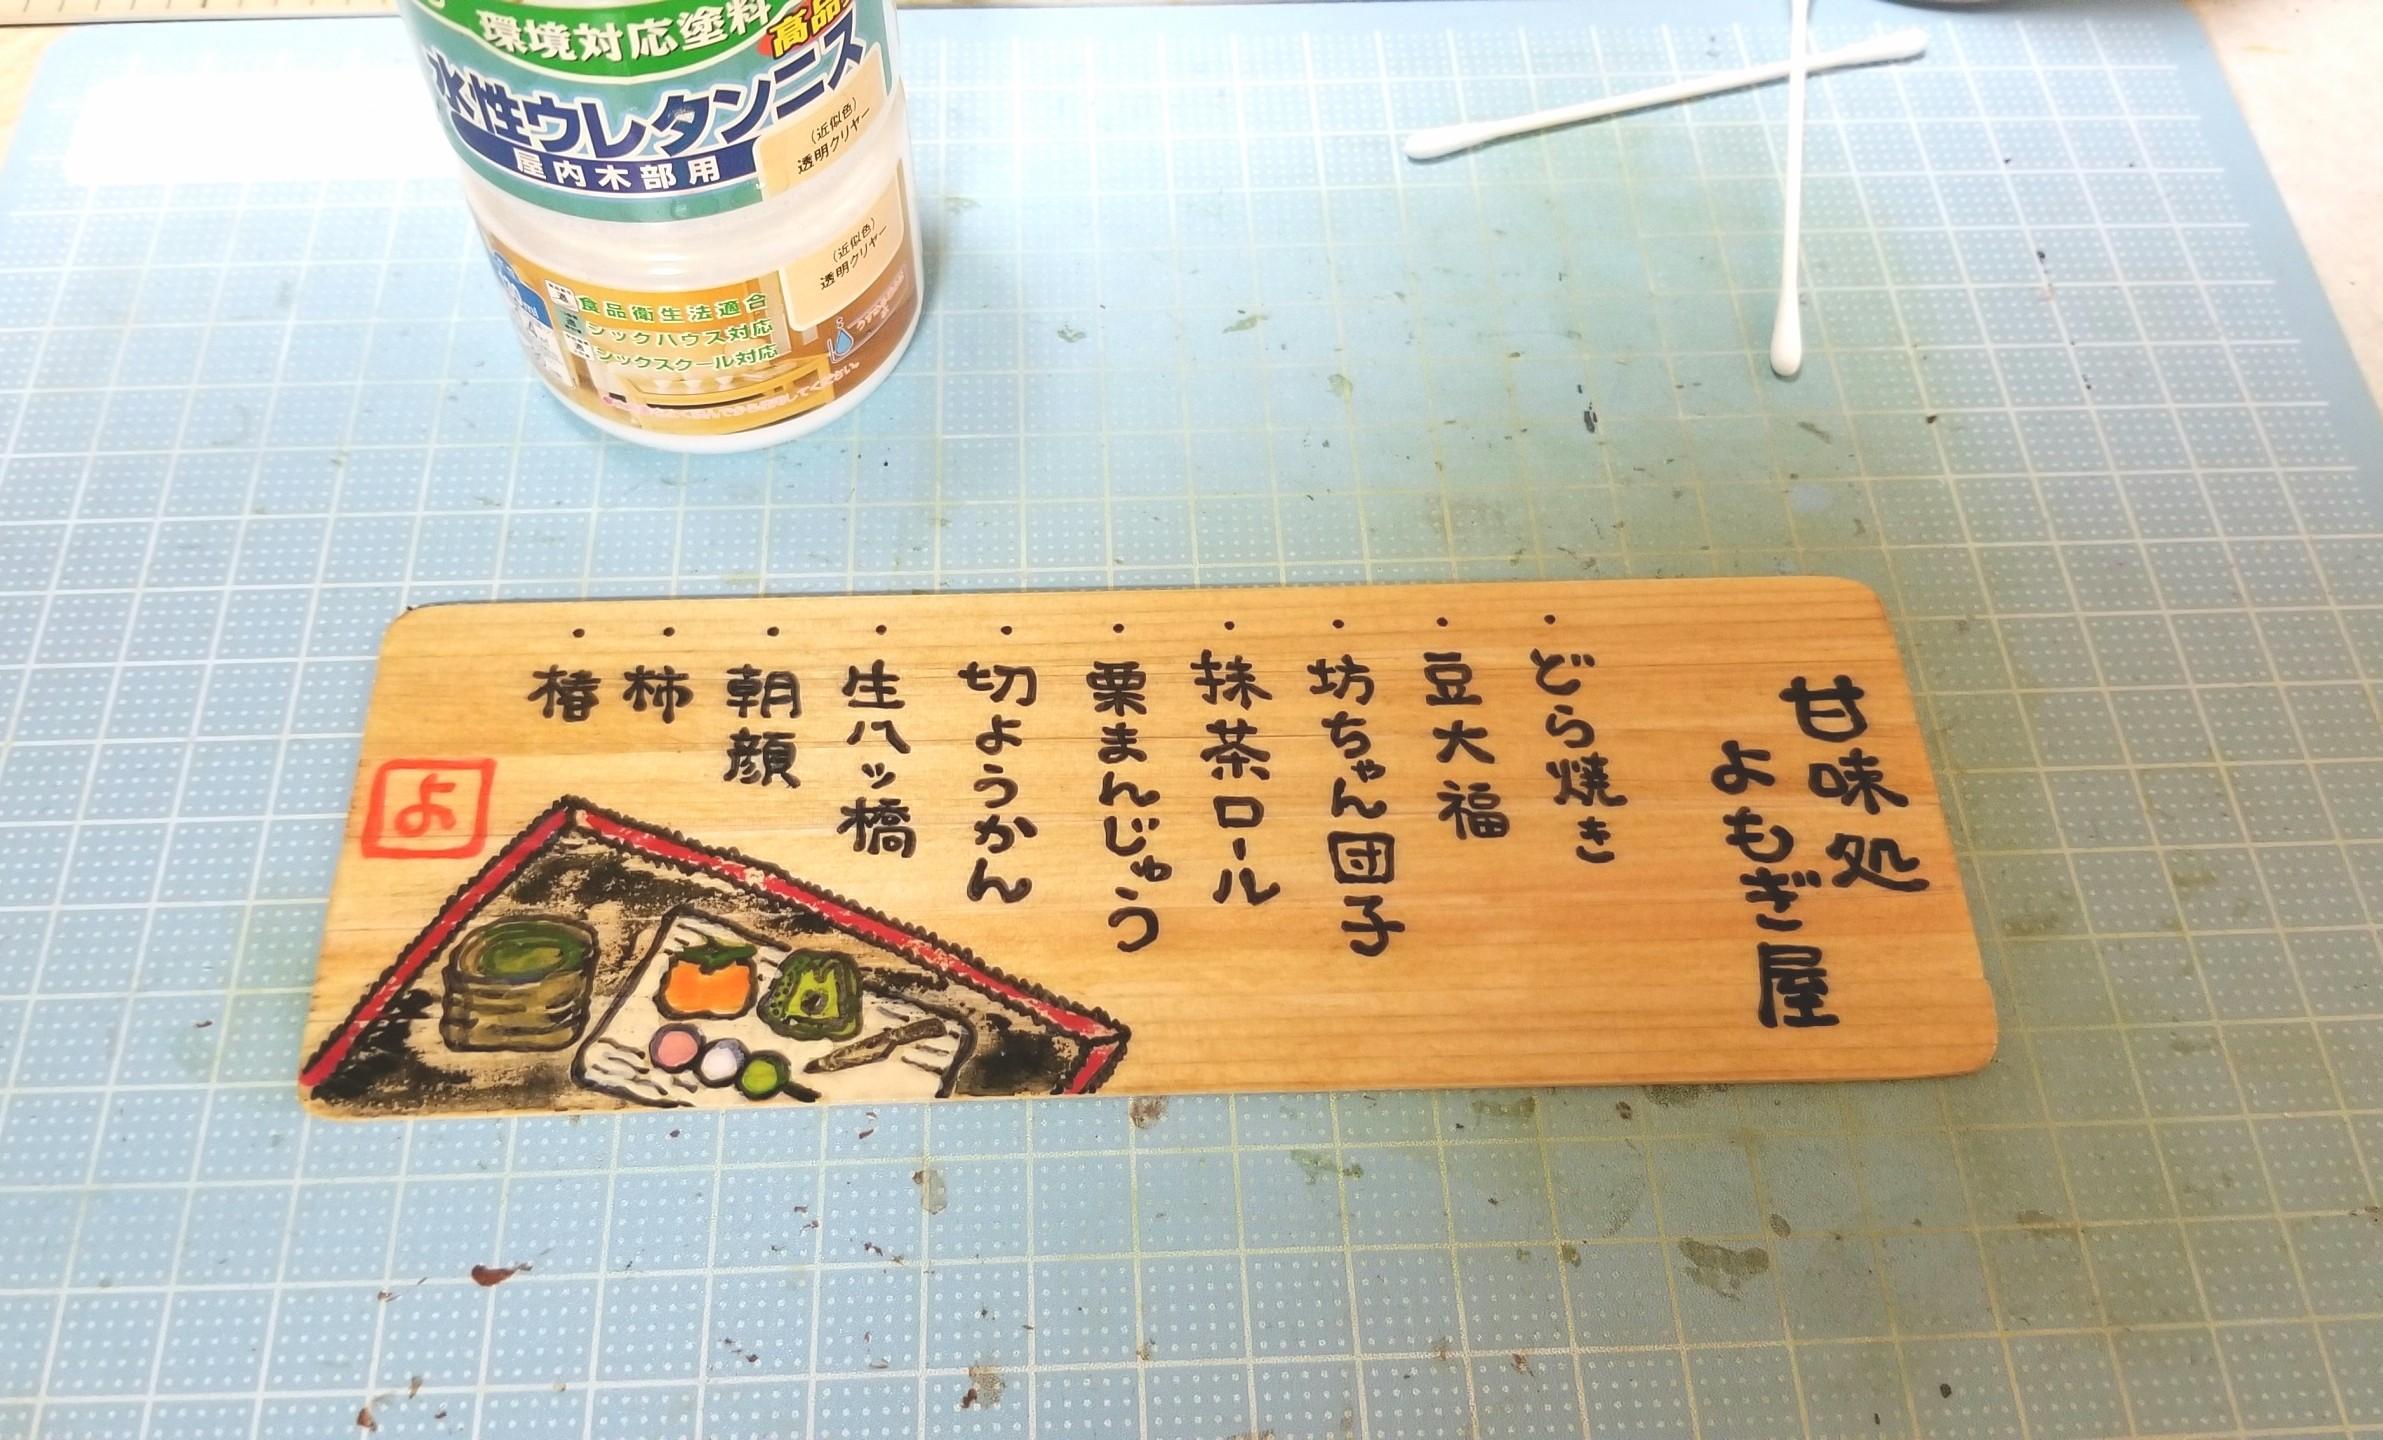 ミニチュア,お品書き,和菓子屋,作り方,イラスト,ねんどろ刀剣男子